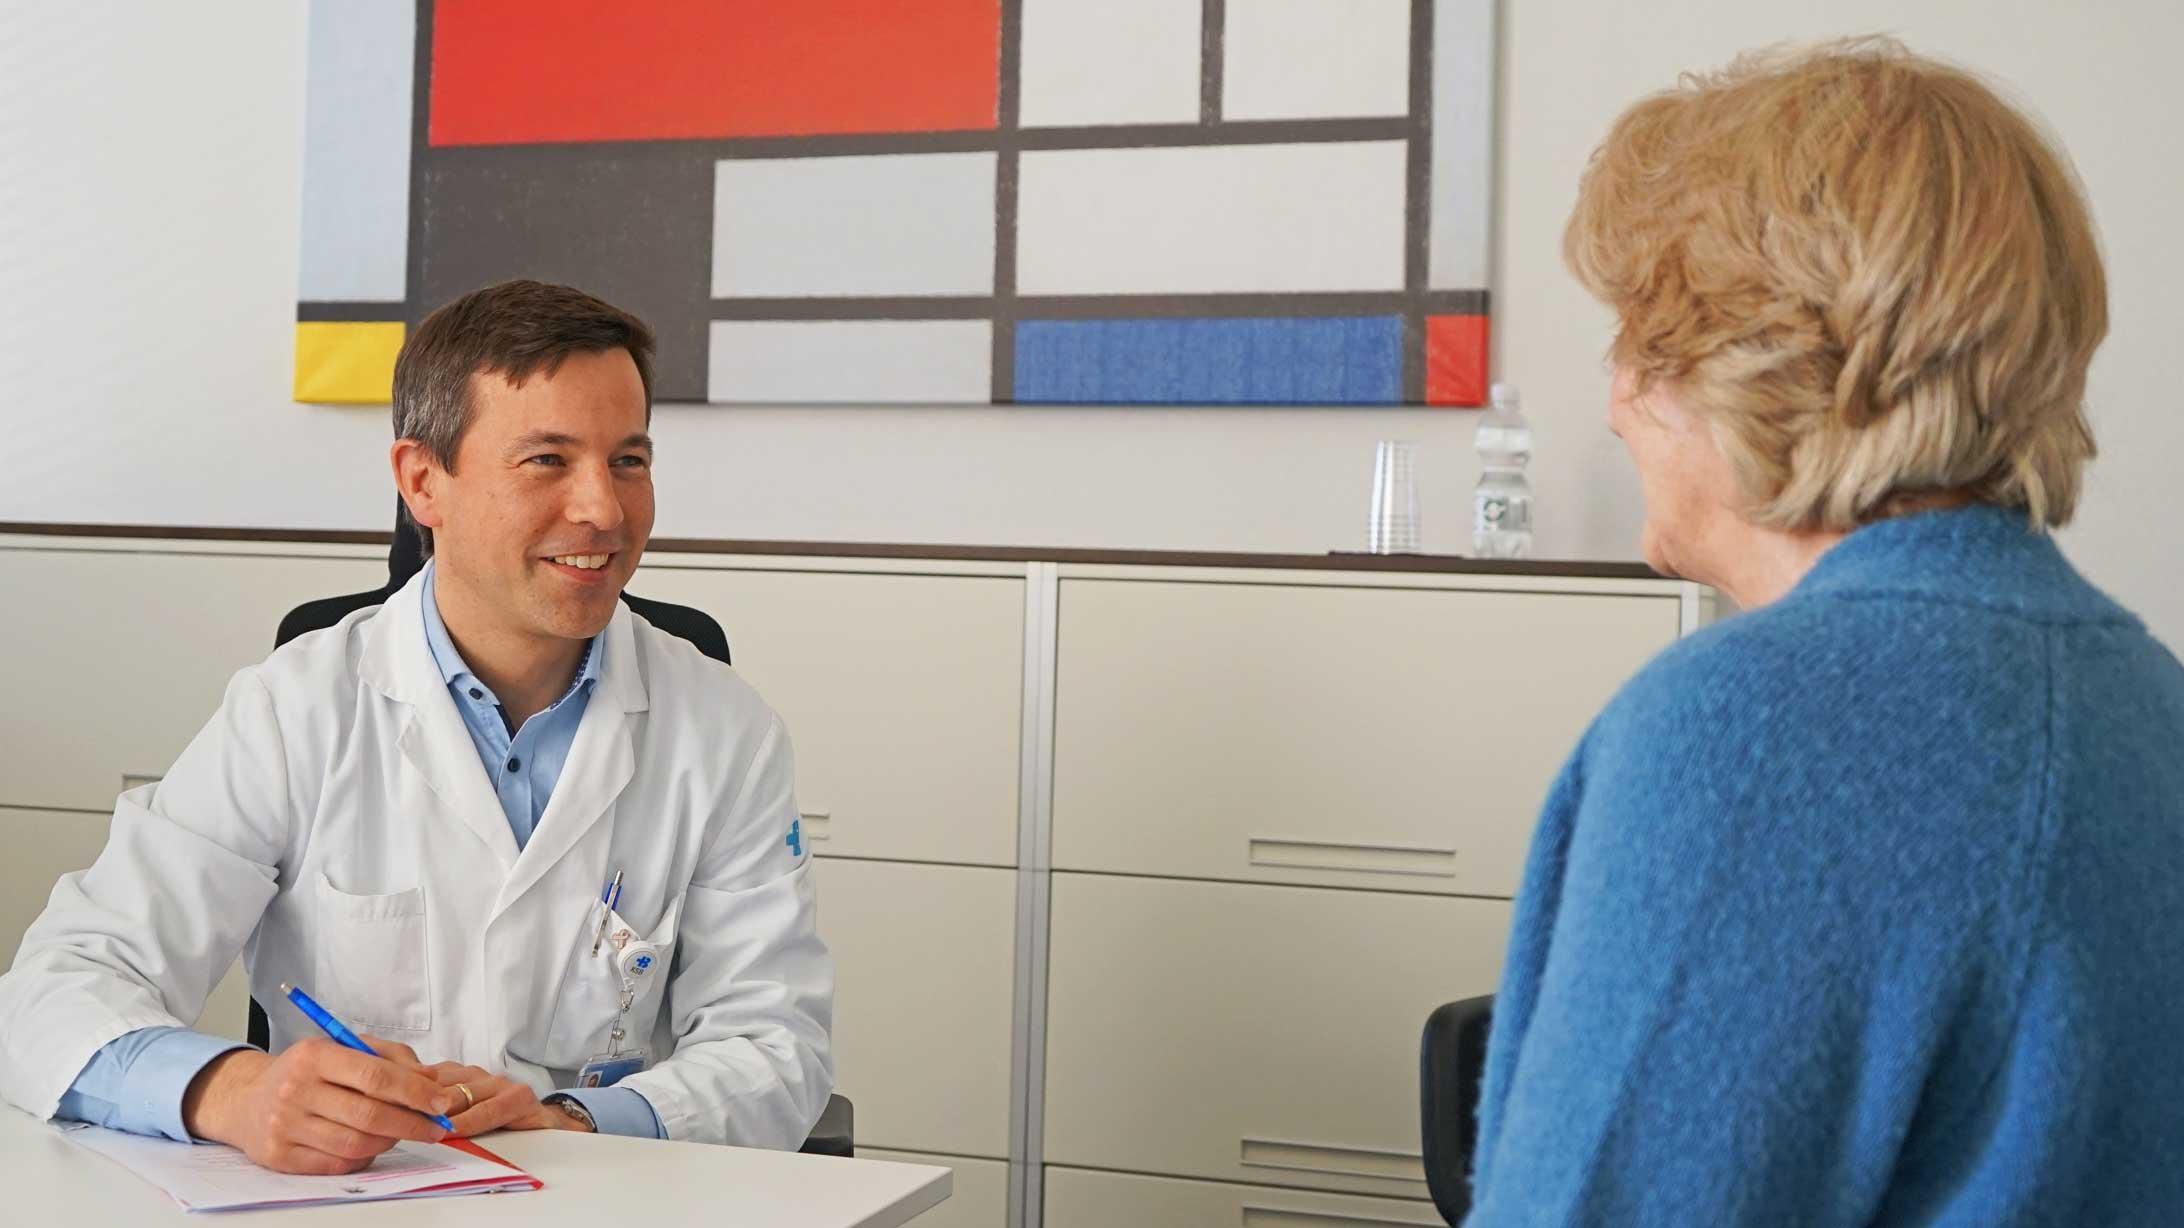 Martin Heubner, Chefarzt Gynäkologie am KSB, im Gespräch mit der Gebärmutterkrebs-Patientin Nicole Dredge.